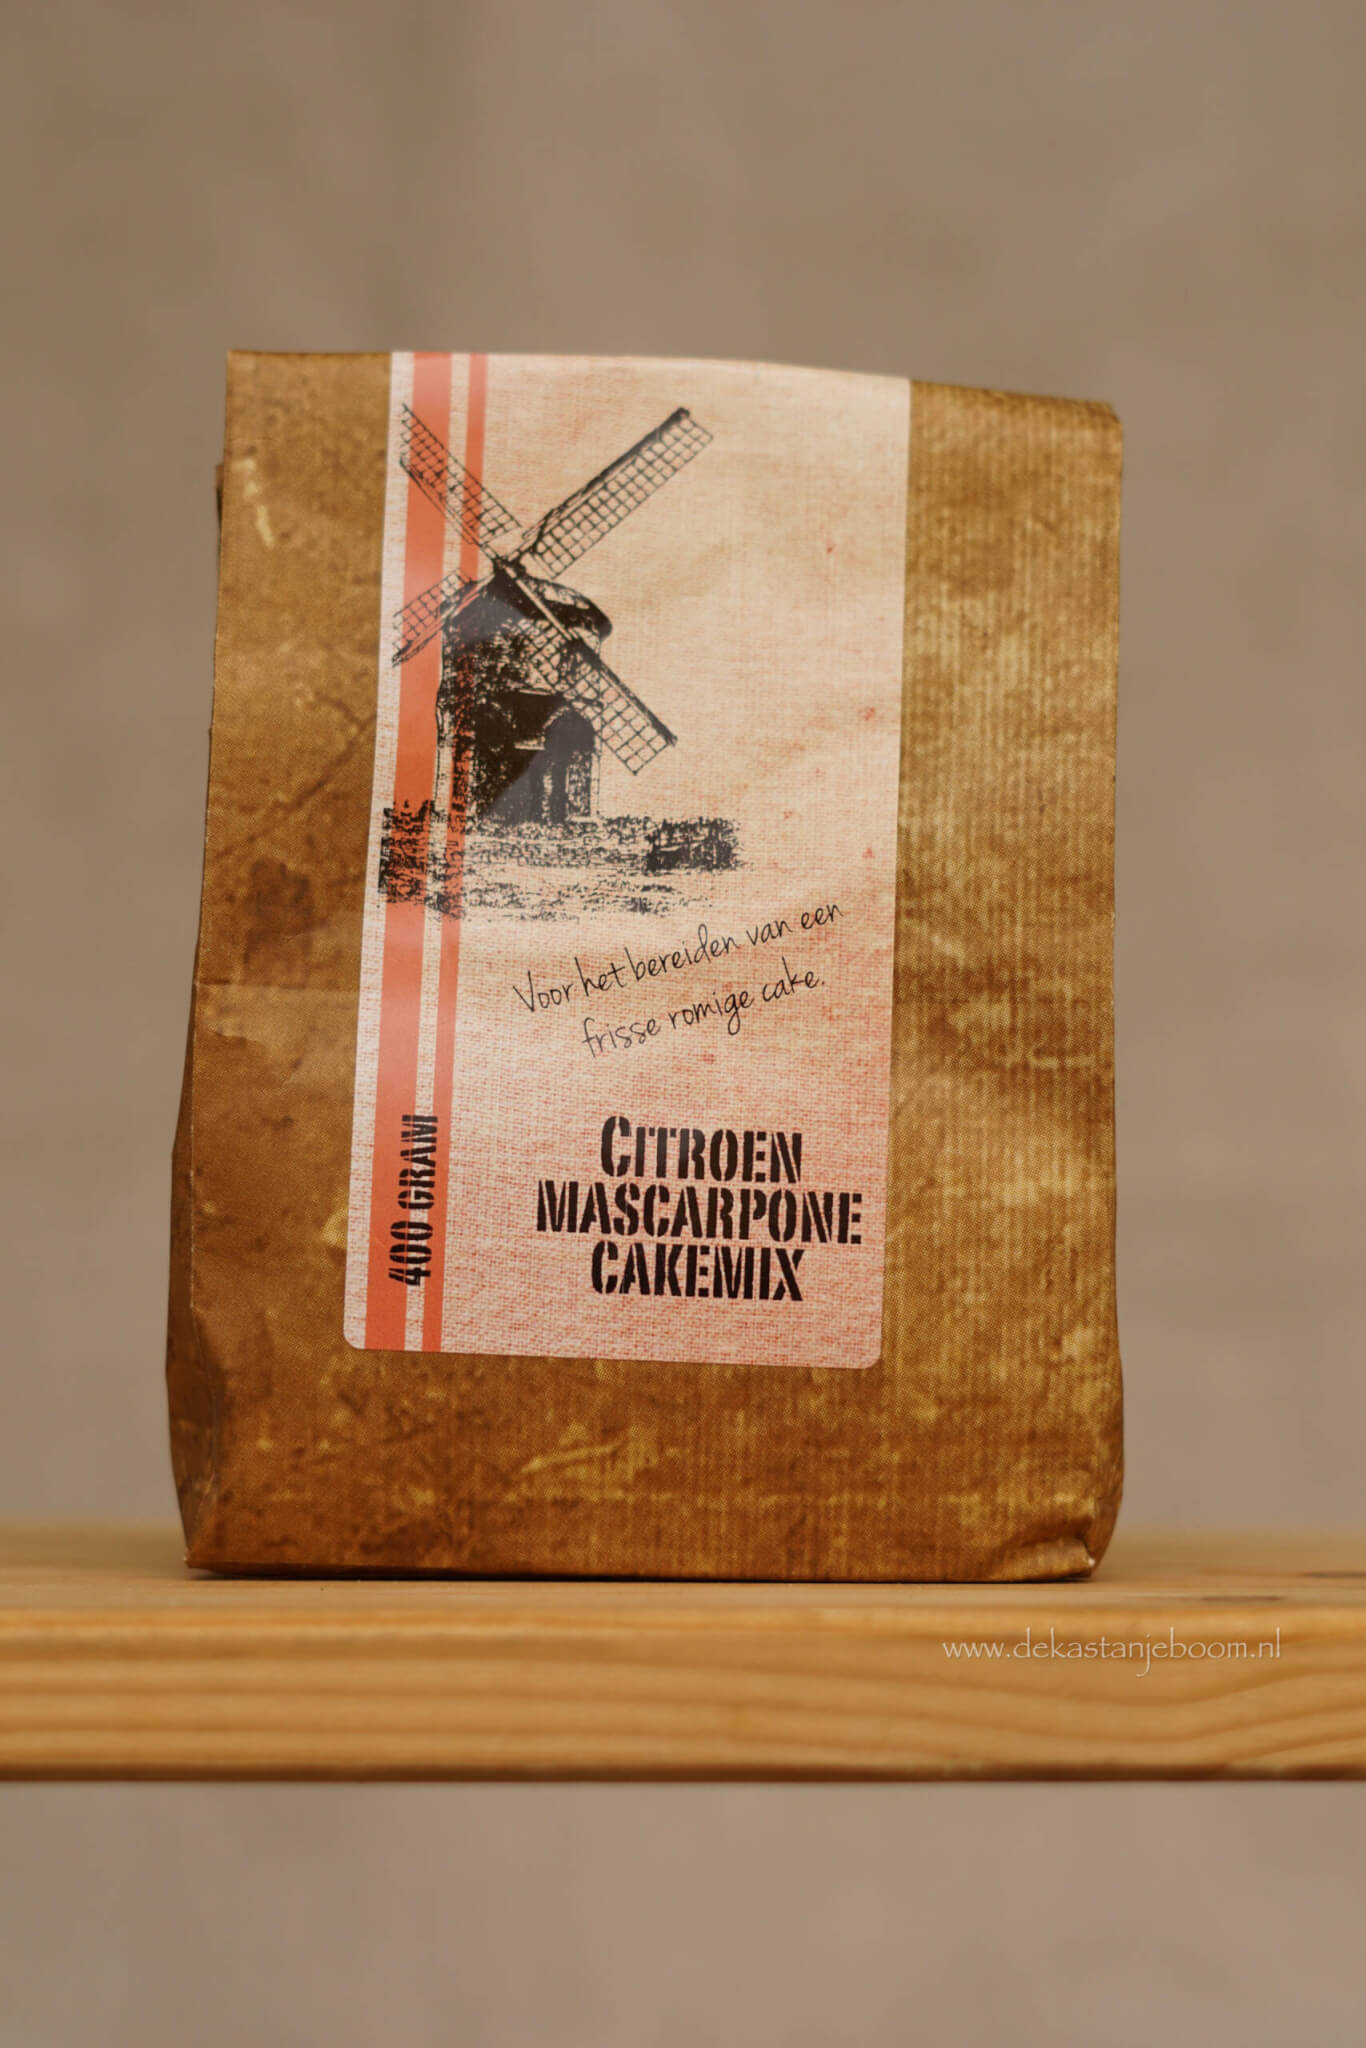 Citroen mascarpone cakemix